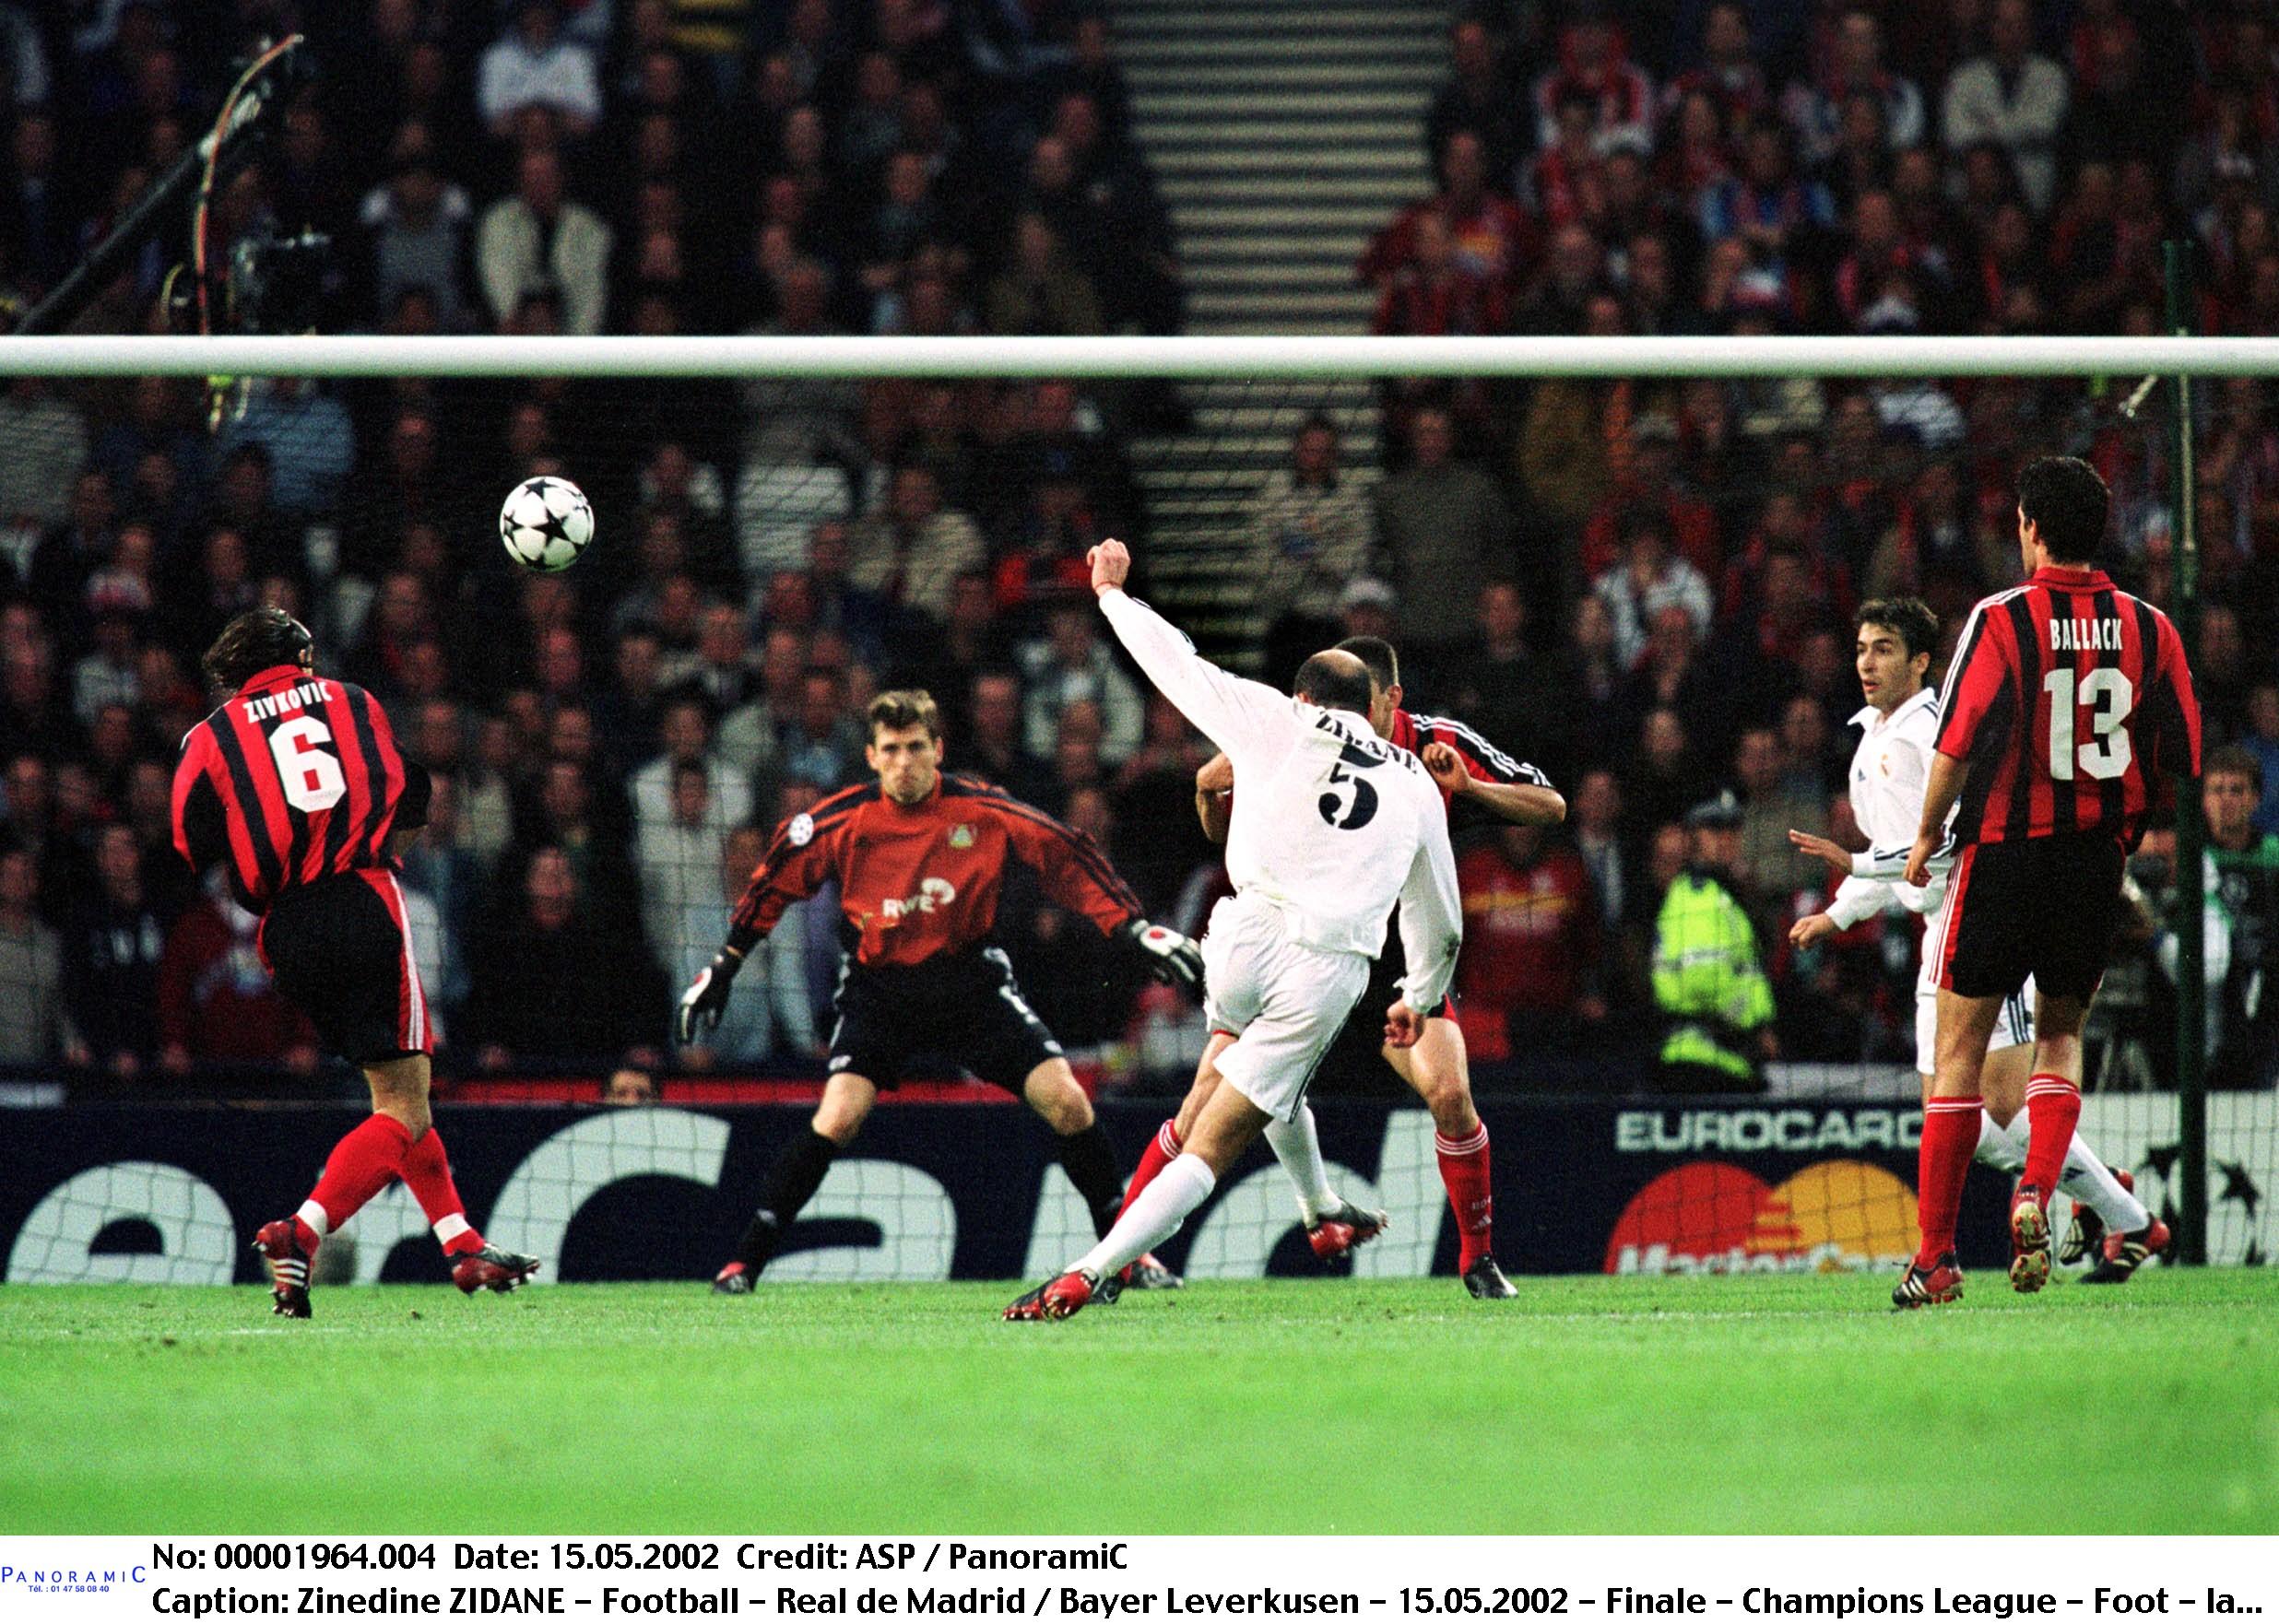 Football - Foot nostalgie : la volée de Zidane en finale de Ligue des champions 2002